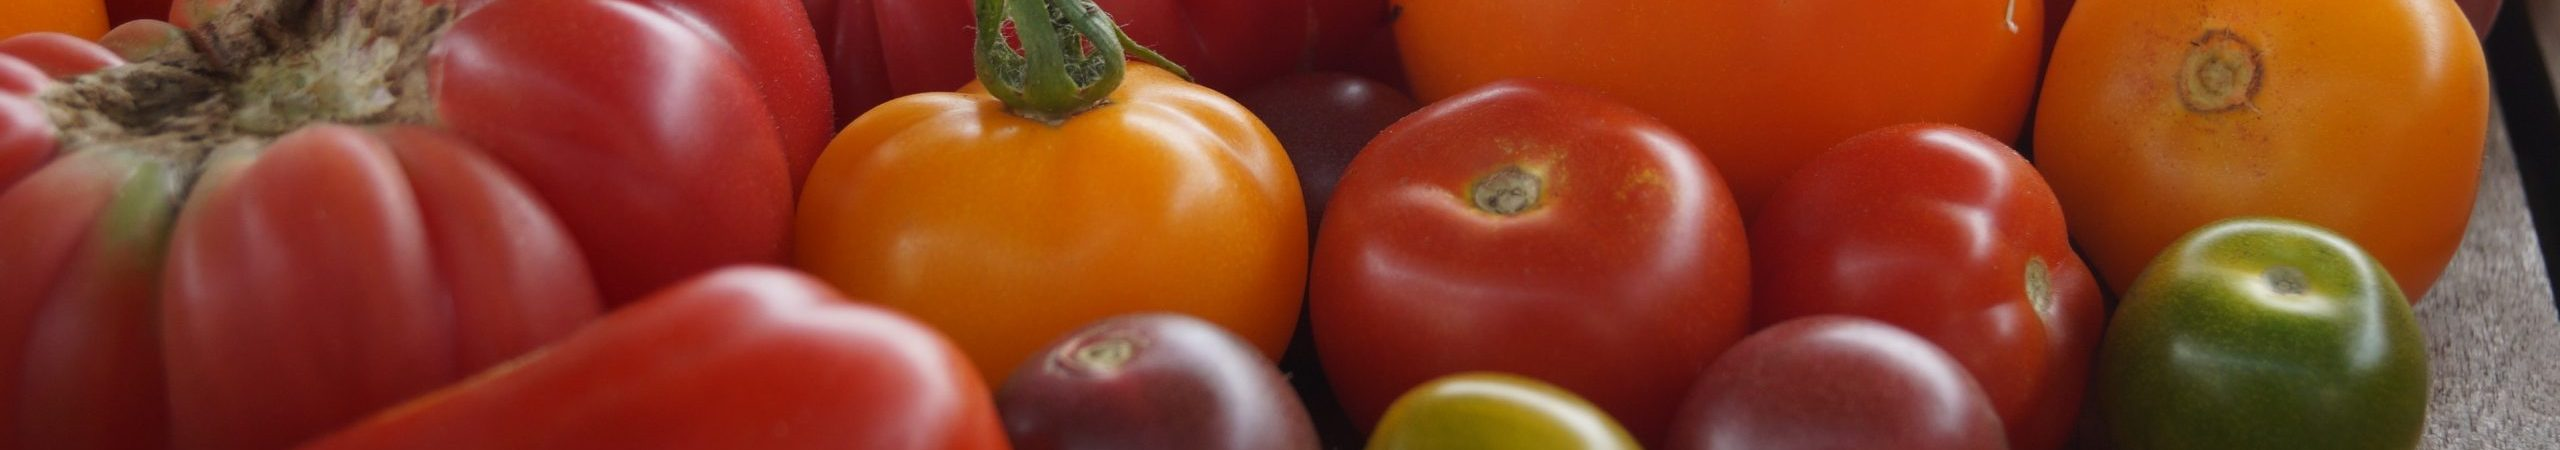 tomates anciennes couleur variée